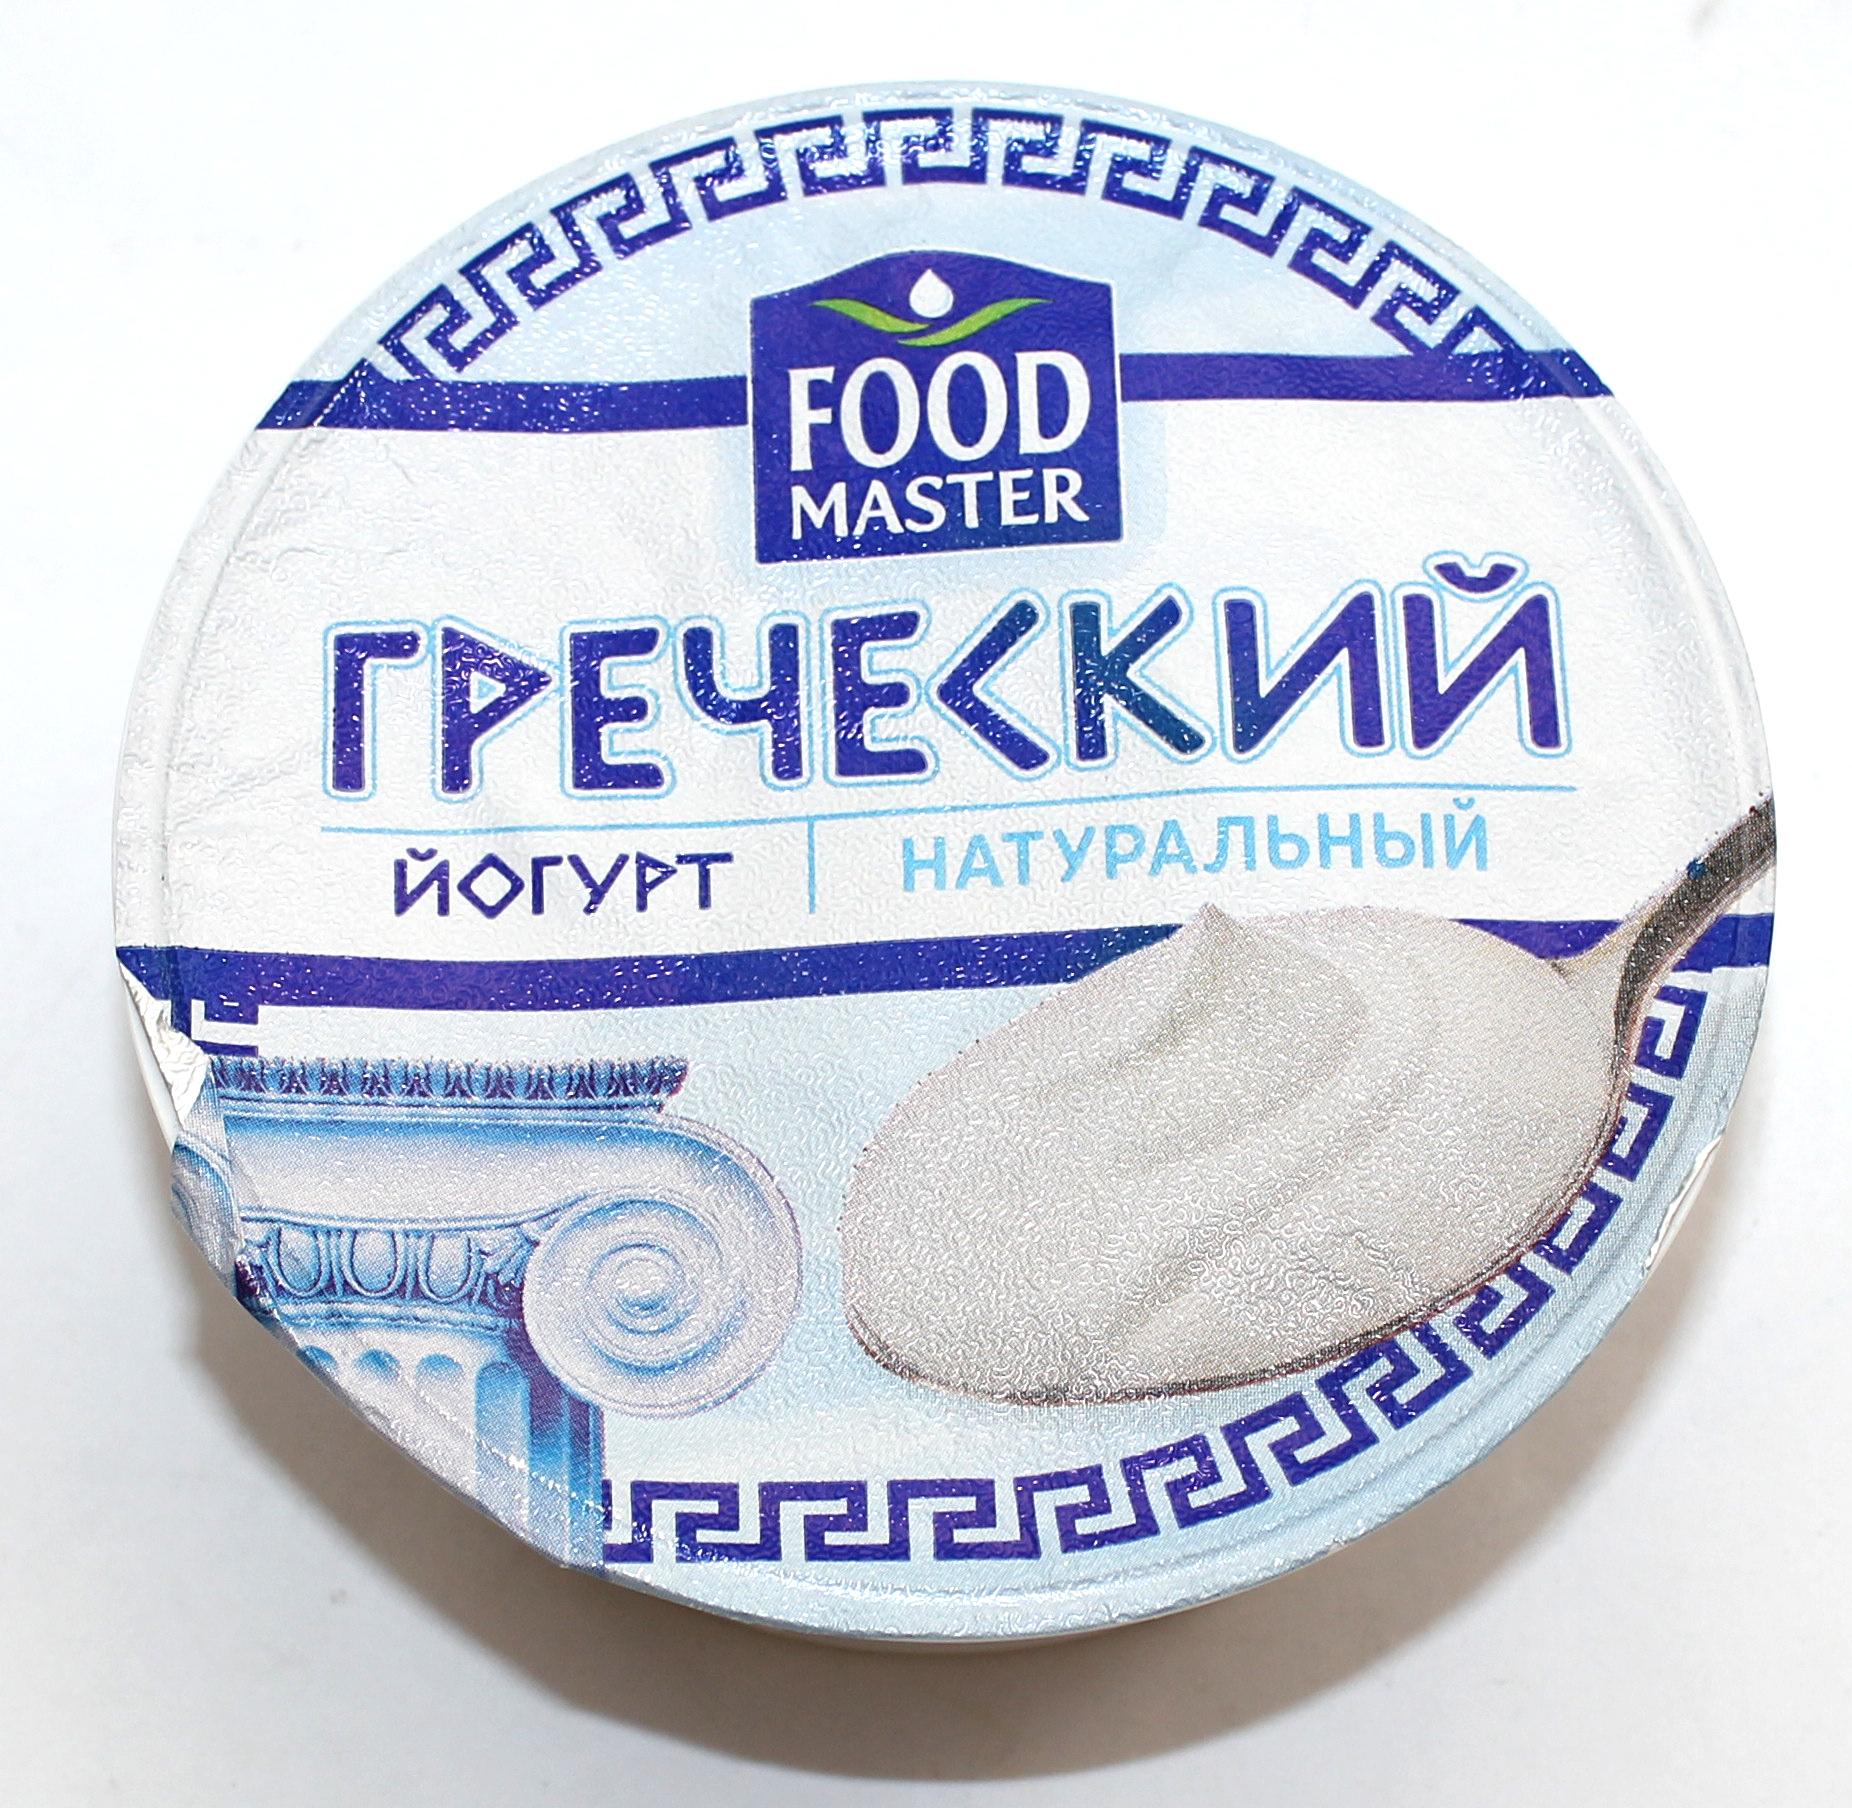 FOOD MASTER - ЙОГУРТ FOOD MASTER ГРЕЧЕСКИЙ НАТУРАЛЬНЫЙ 130гр 4870207313328